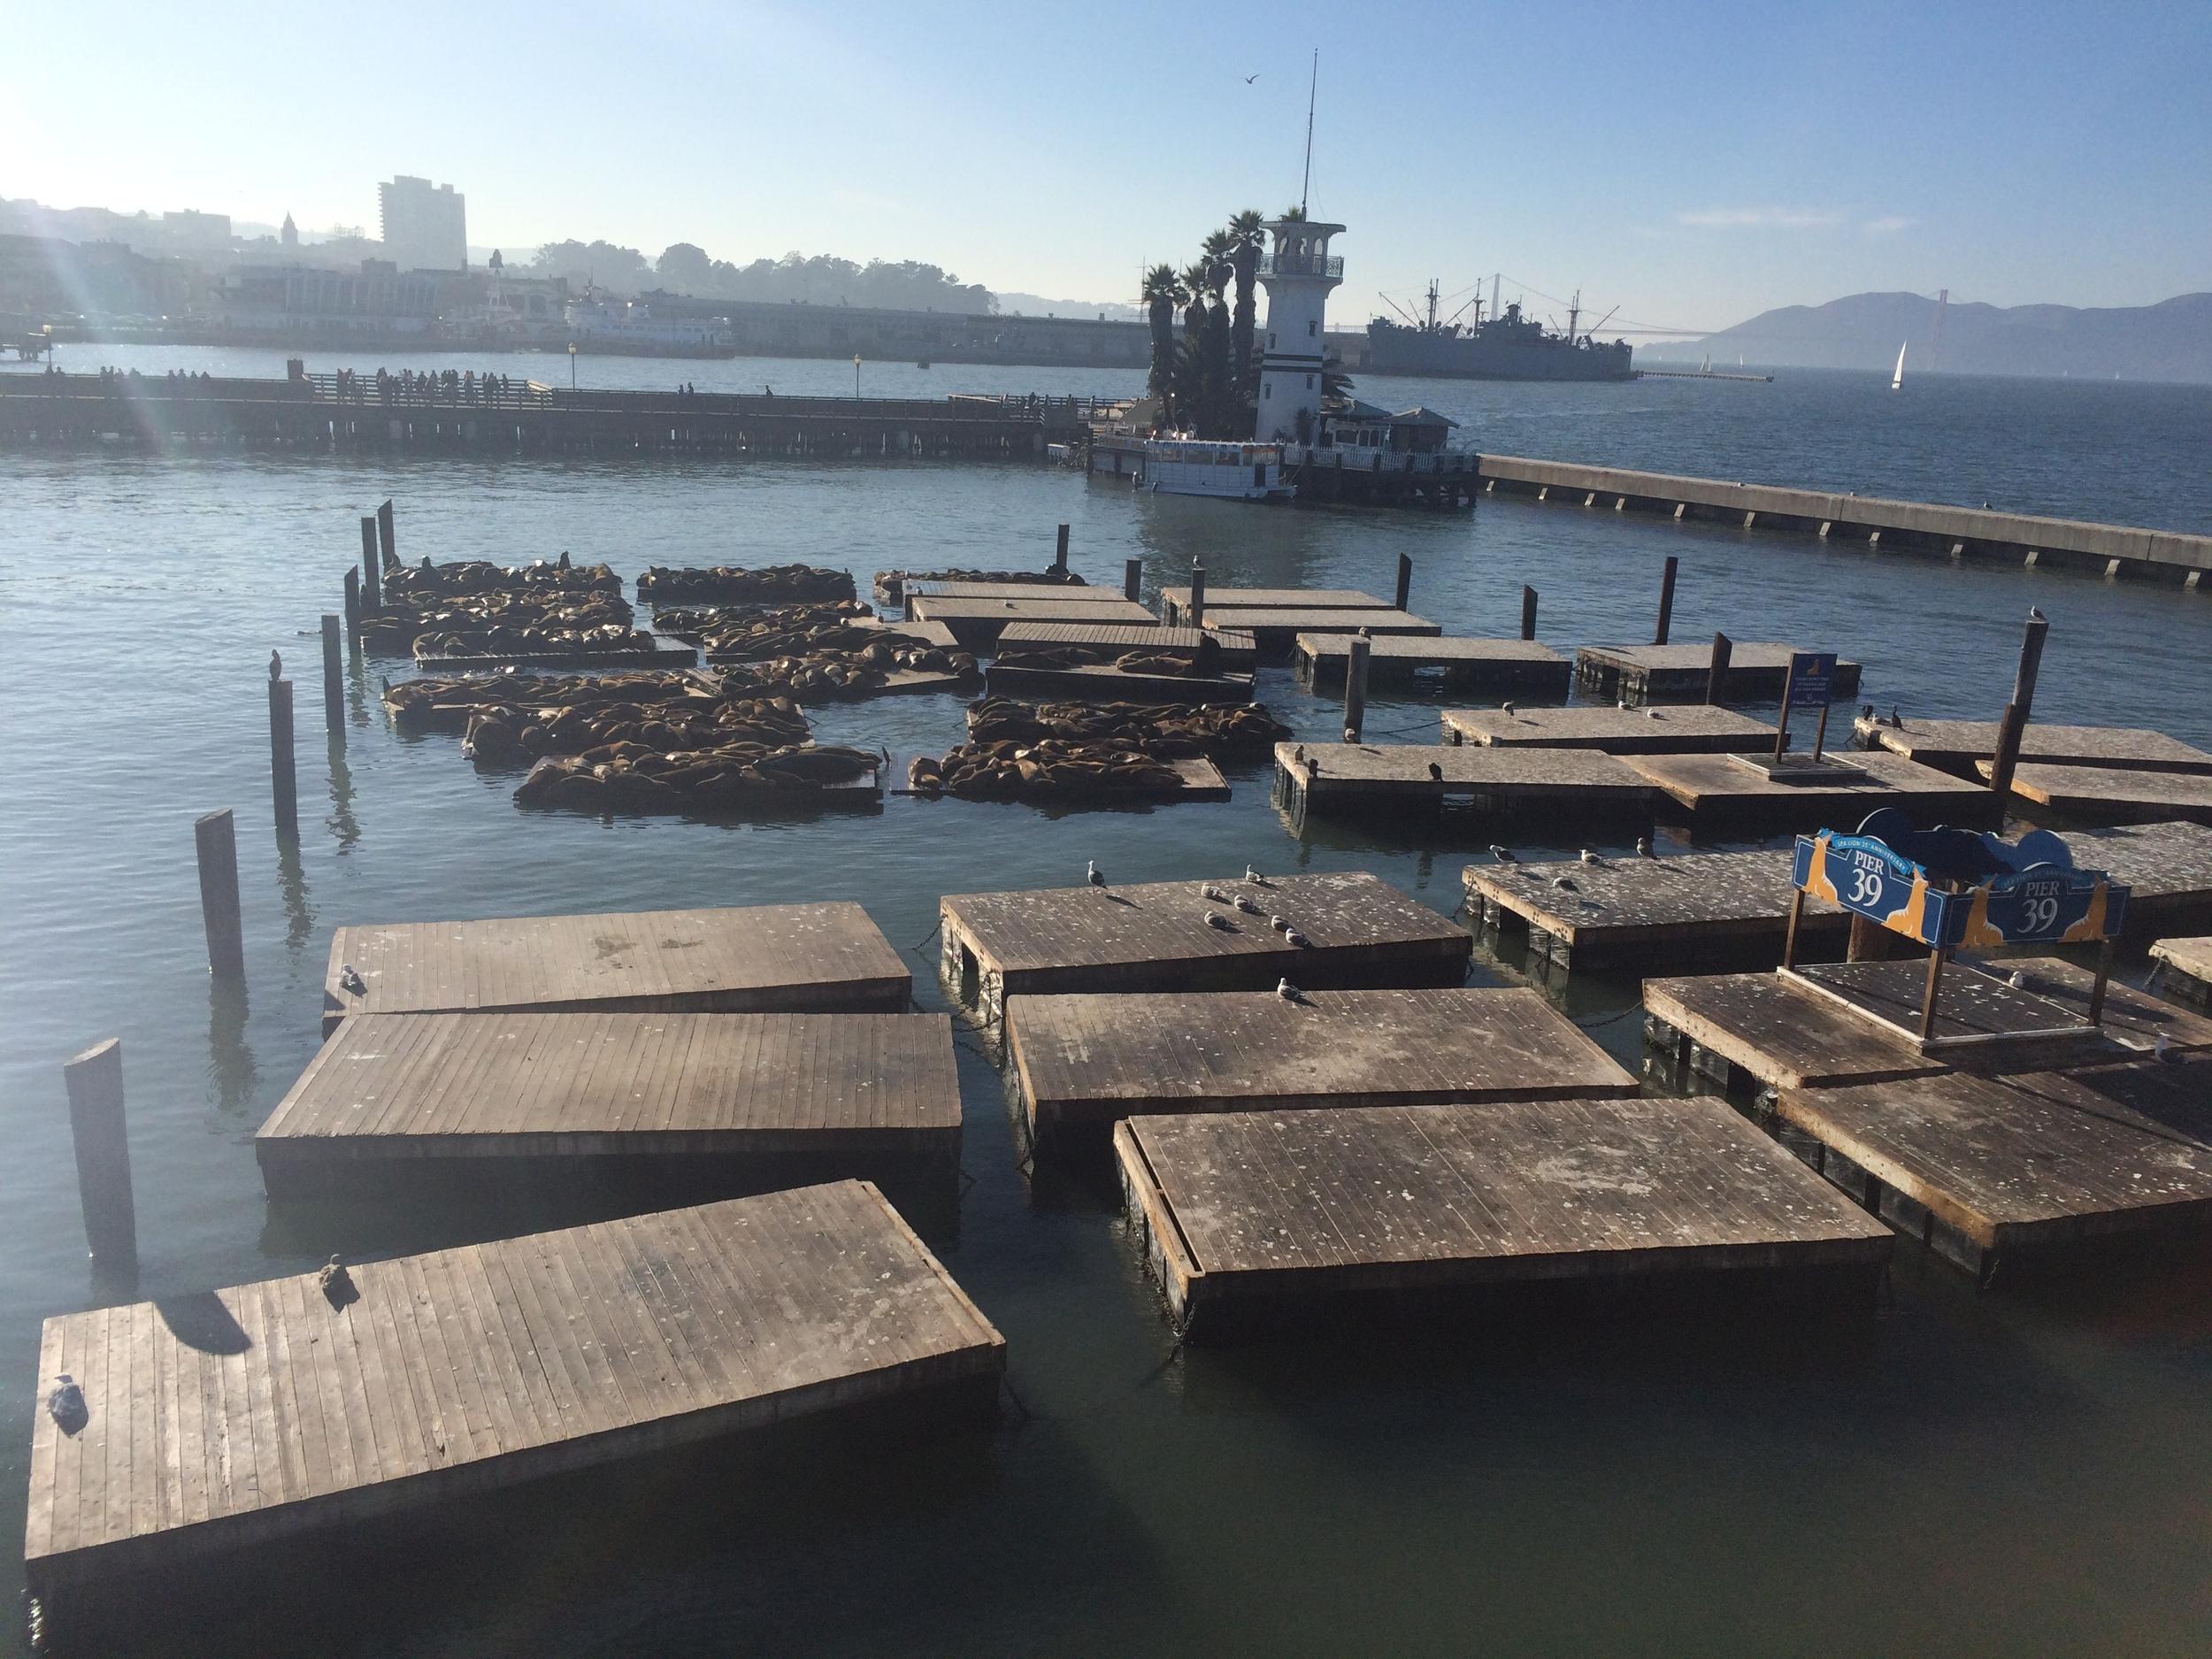 Pier 39 // San Francisco, California